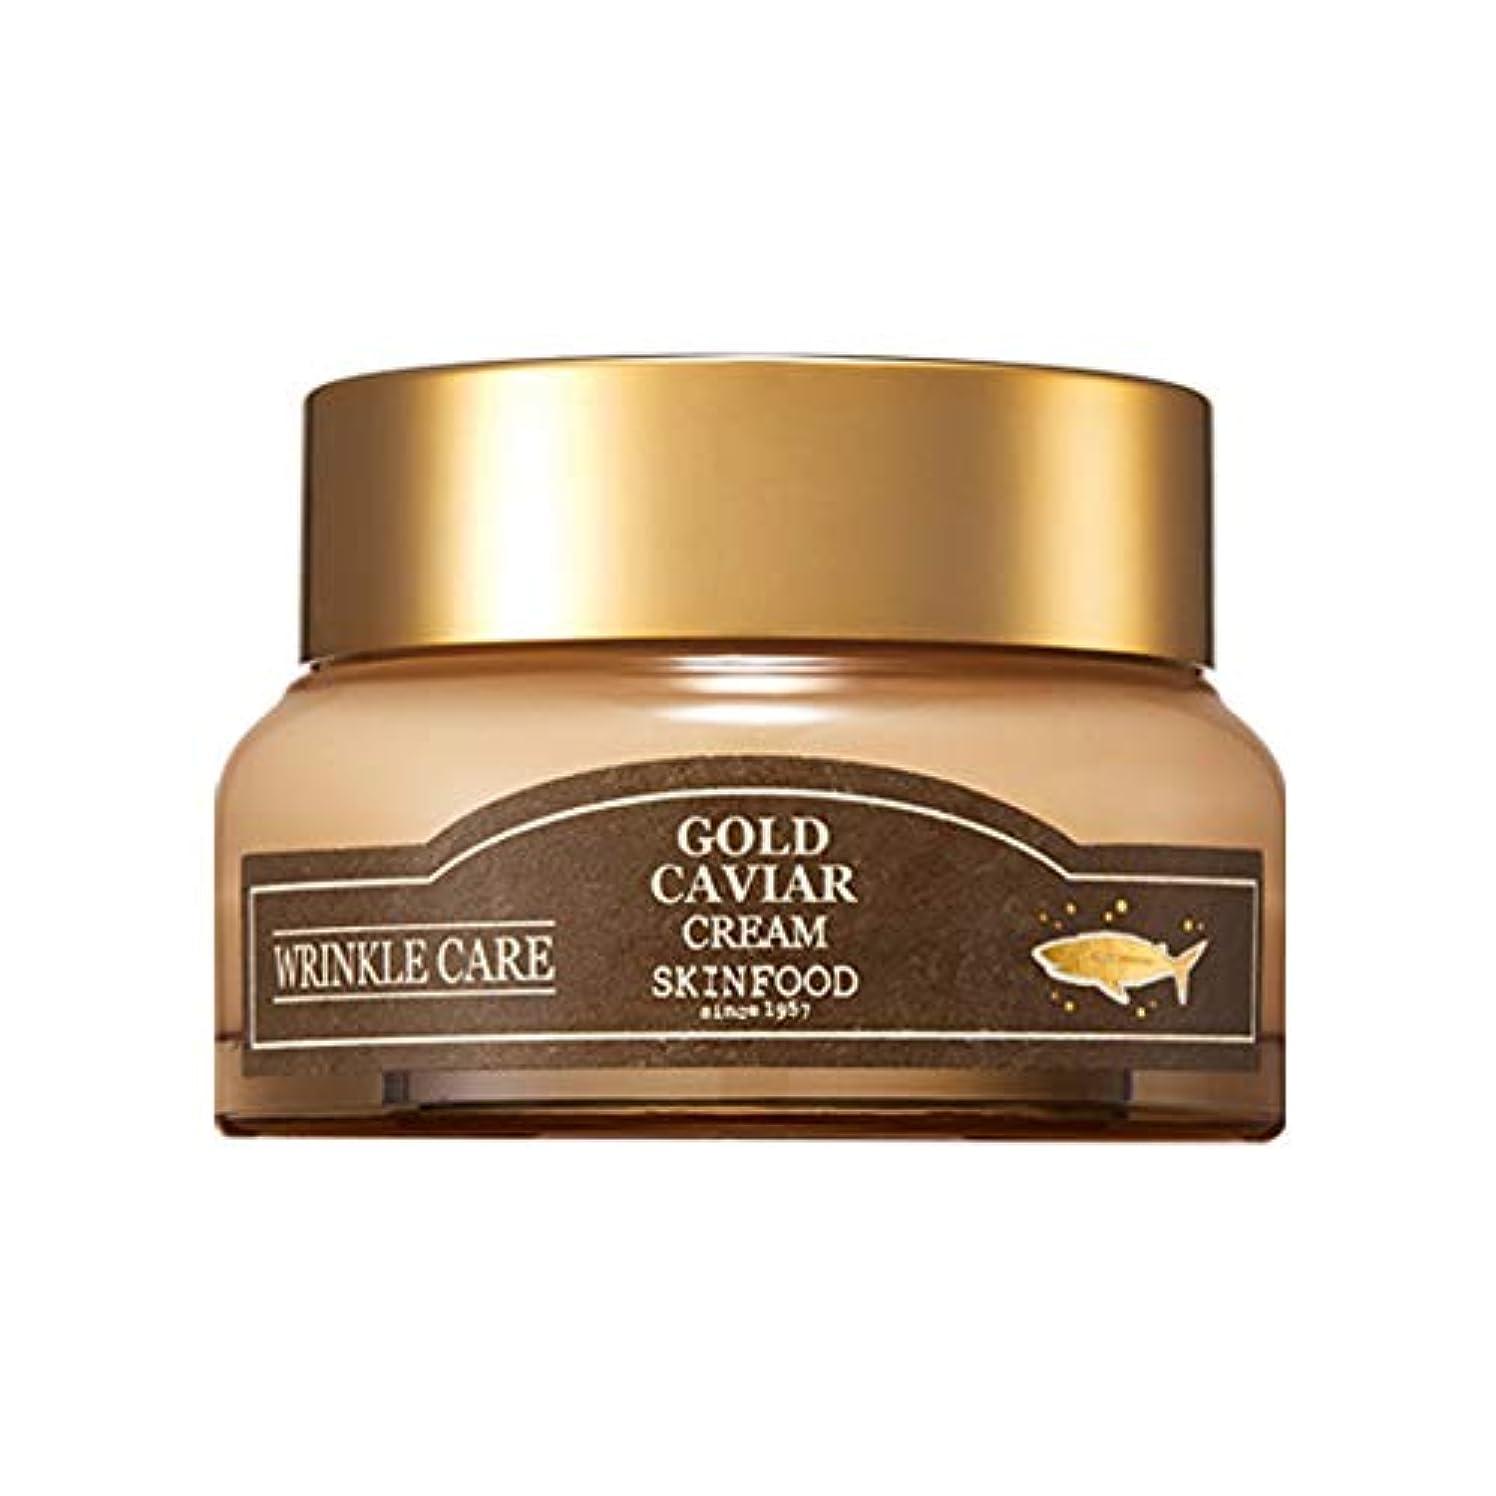 めんどりメガロポリス直径Skinfood ゴールドキャビアクリーム[しわケア用化粧品] / Gold Caviar Cream [Cosmeceutical for wrinkle care] 54ml [並行輸入品]